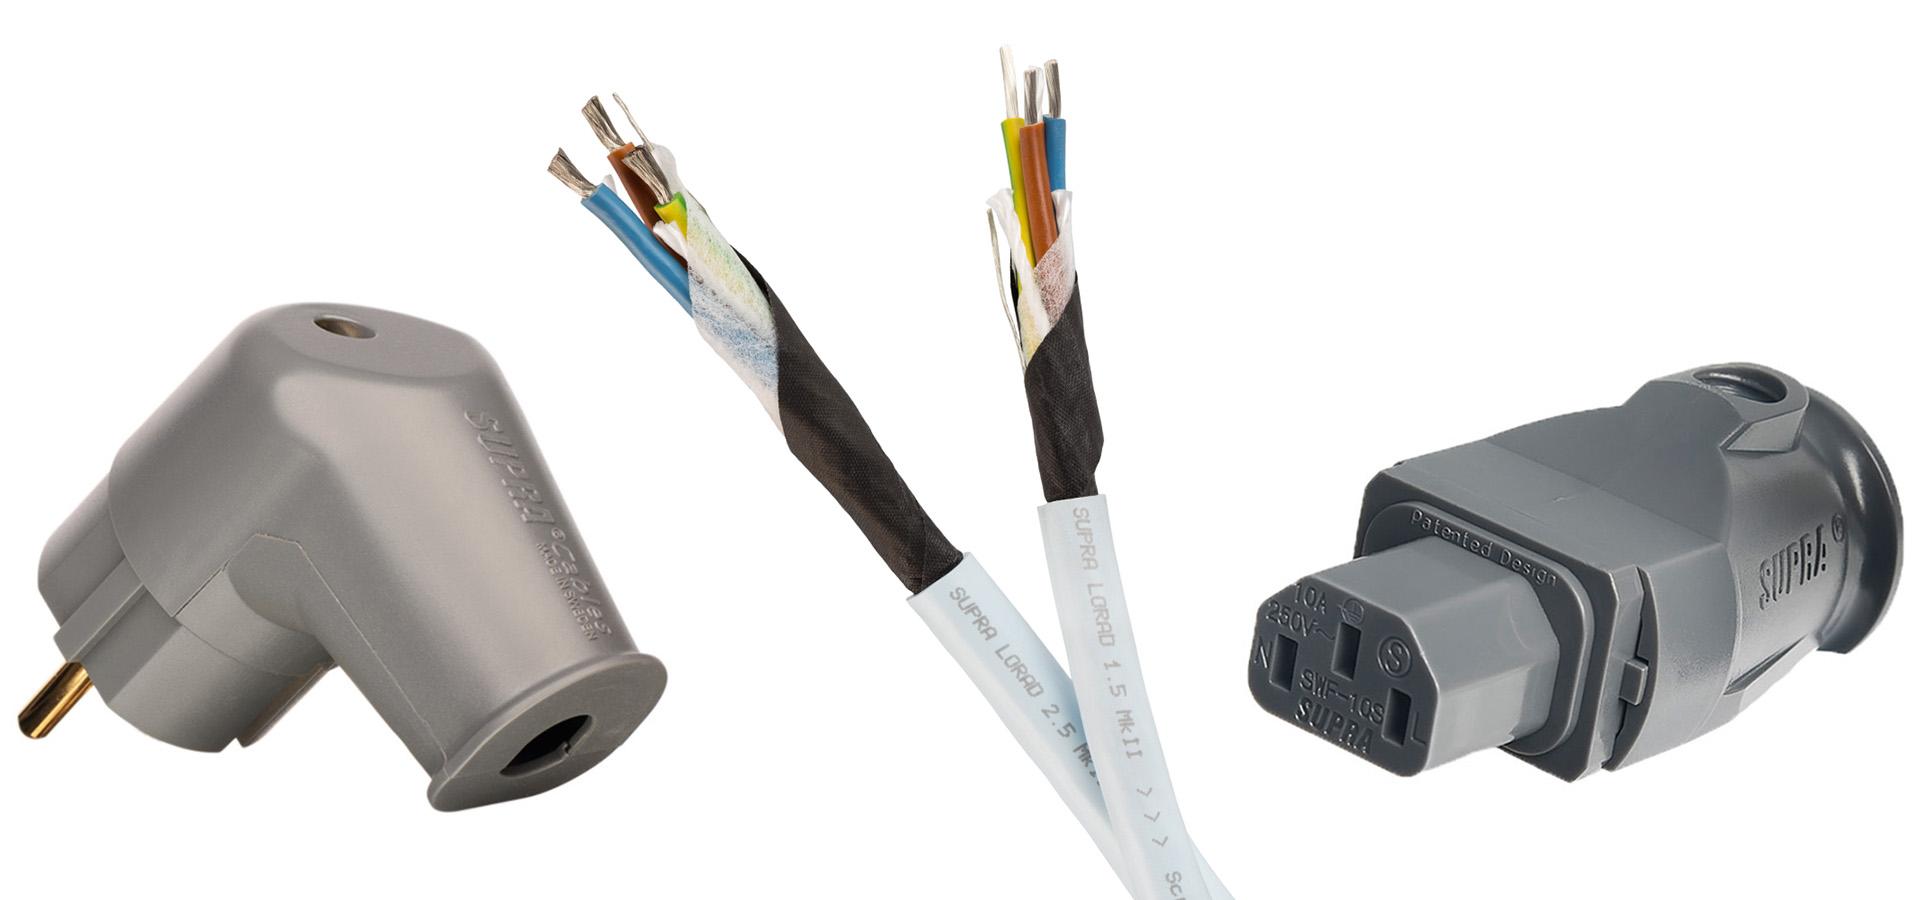 Продукция Supra позволяет легко получить сетевой кабель практически любой длины